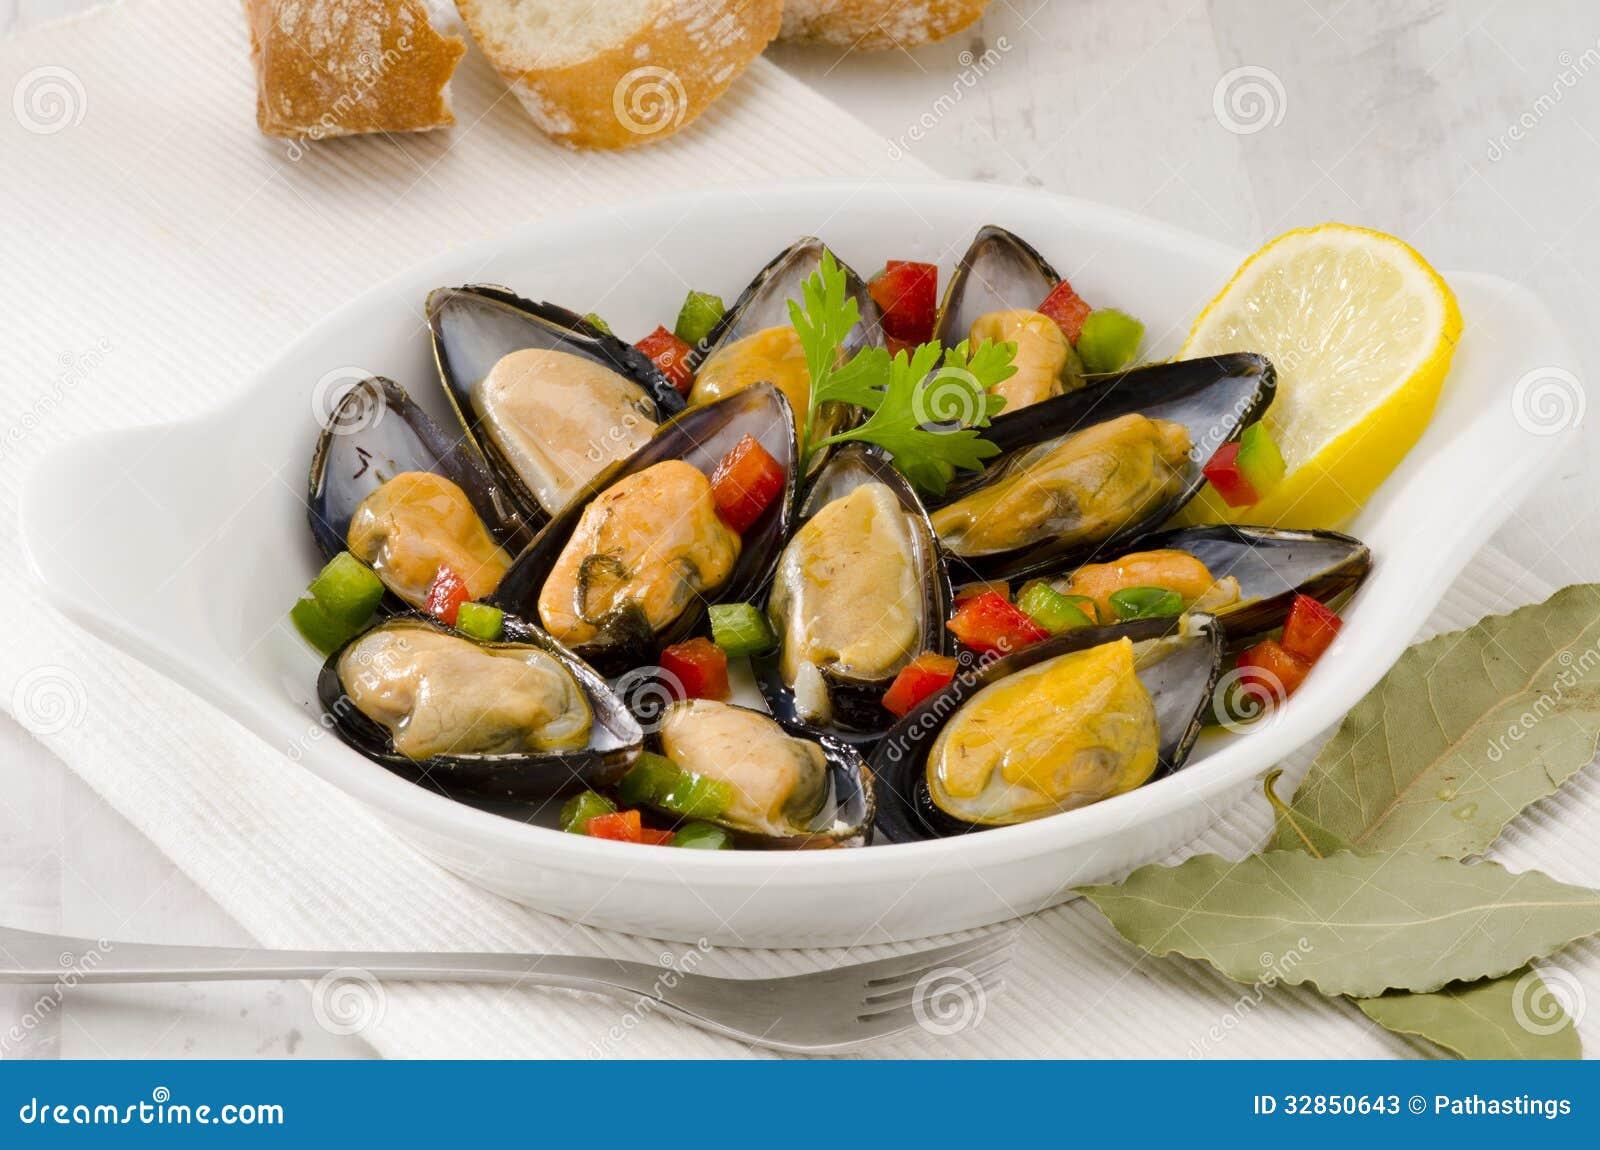 Cuisine espagnole moules en sauce mejillones une la - Cuisine espagnole tapas ...